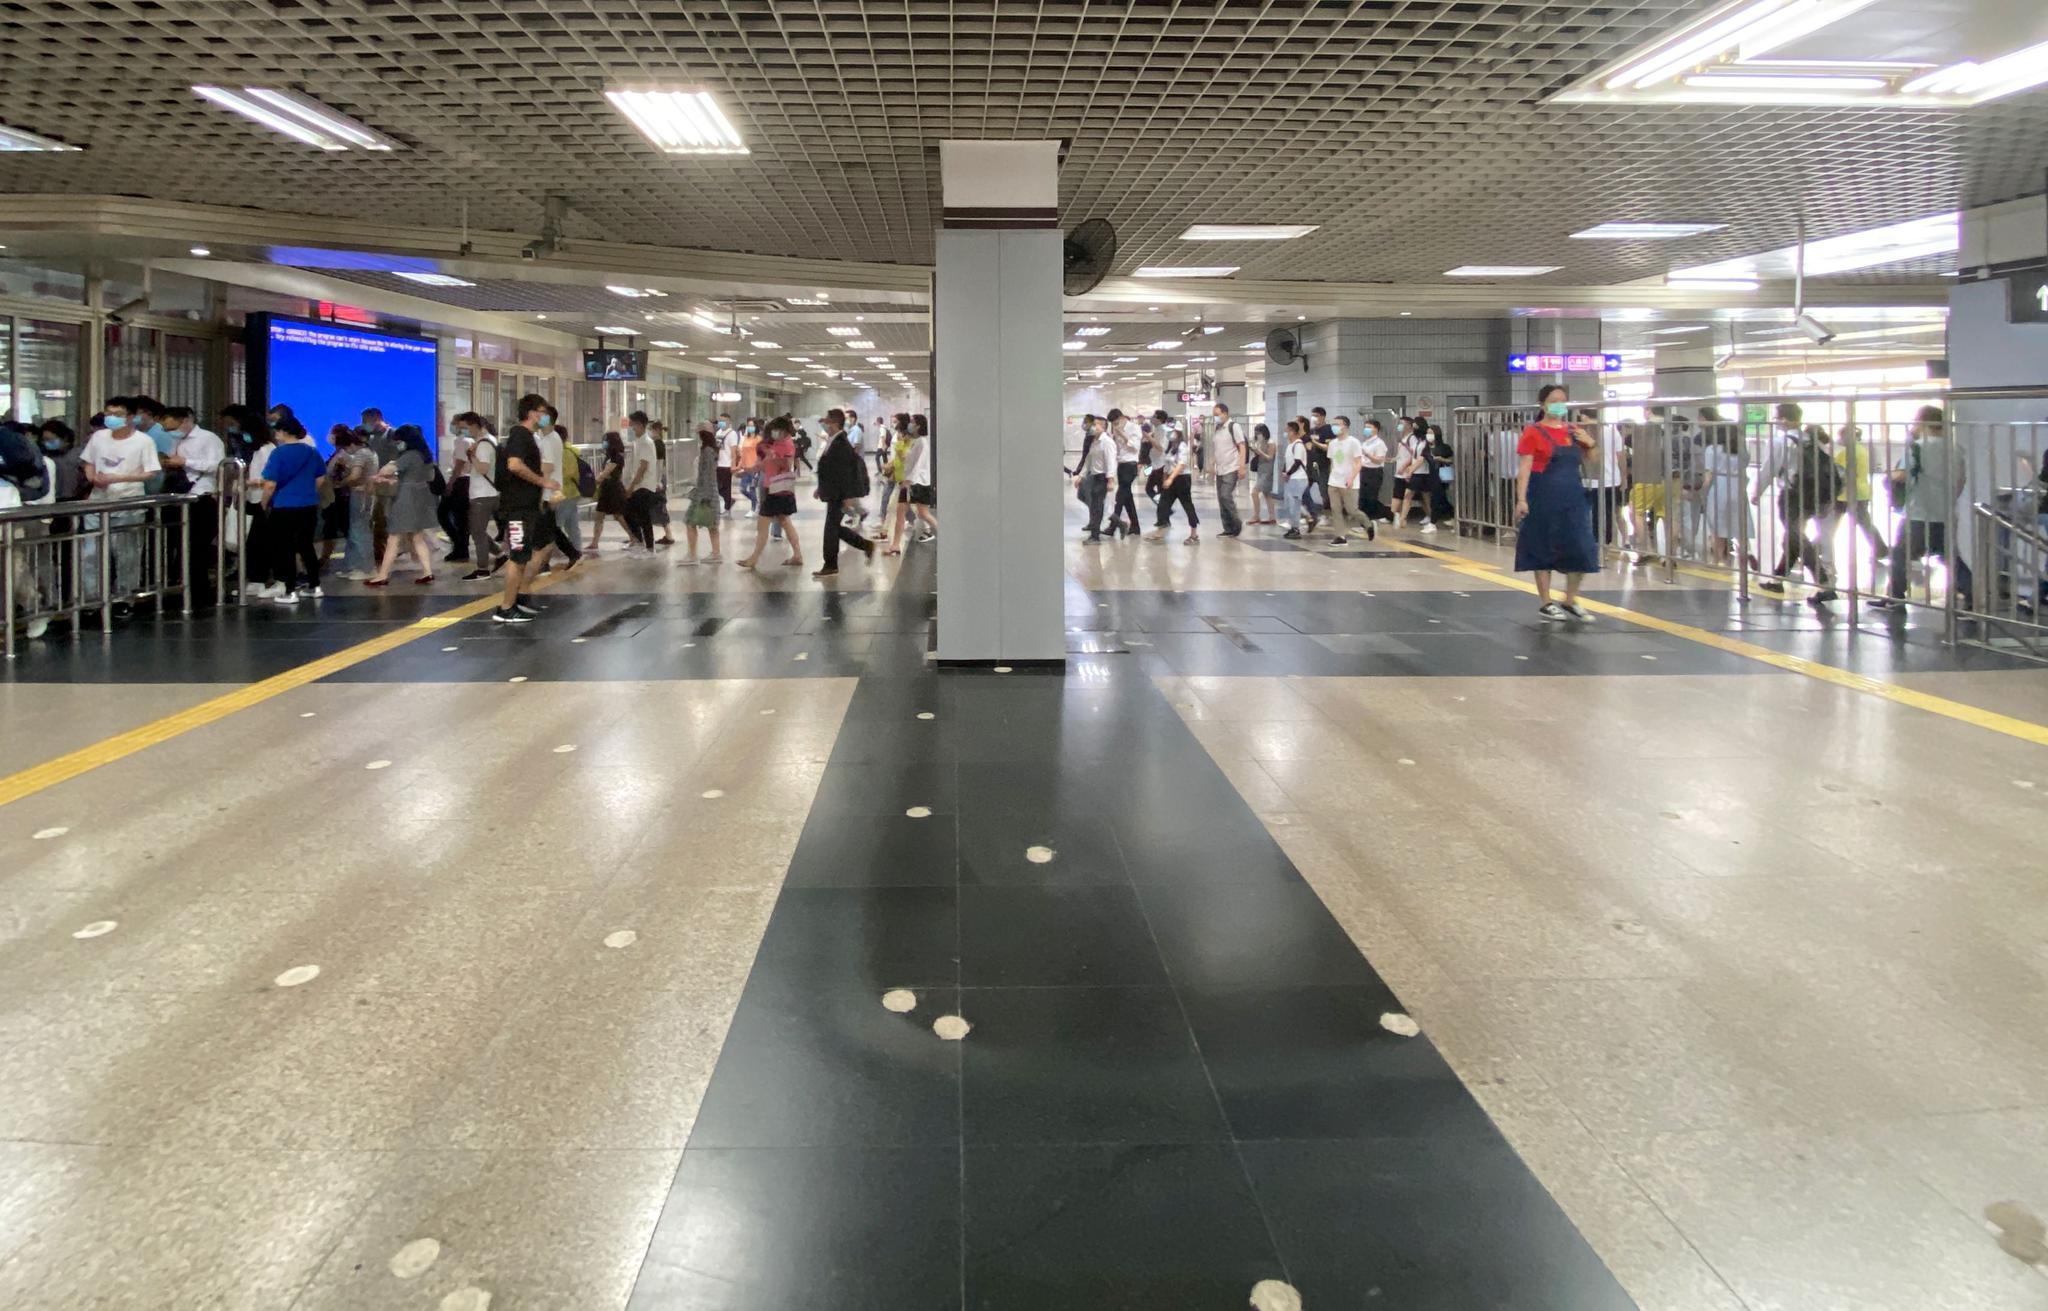 杏悦绕路北京地铁站正陆续拆除非必要导流杏悦图片